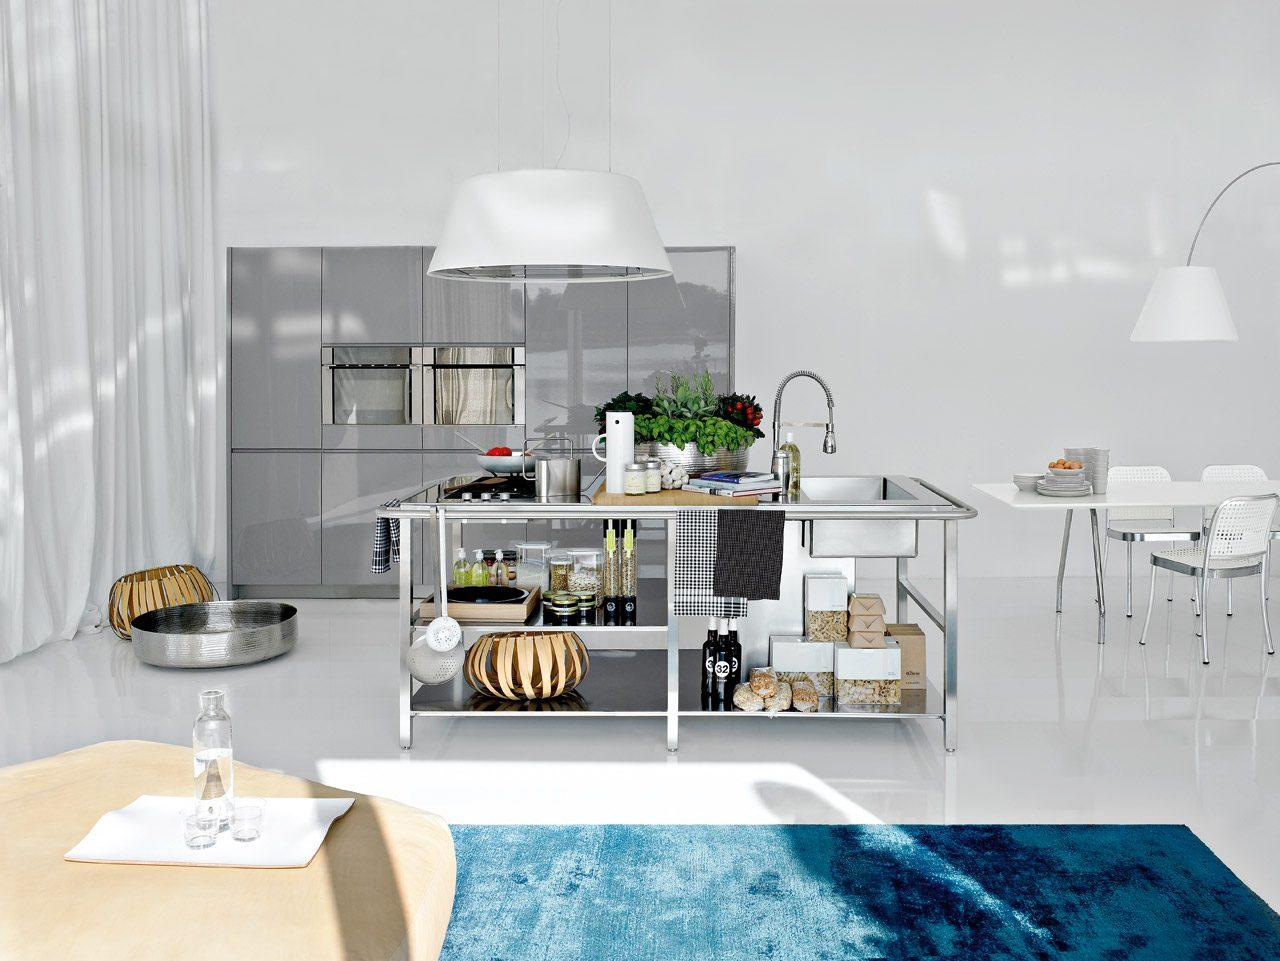 Colores para una cocina moderna de acero inoxidable Articulos de cocina de acero inoxidable